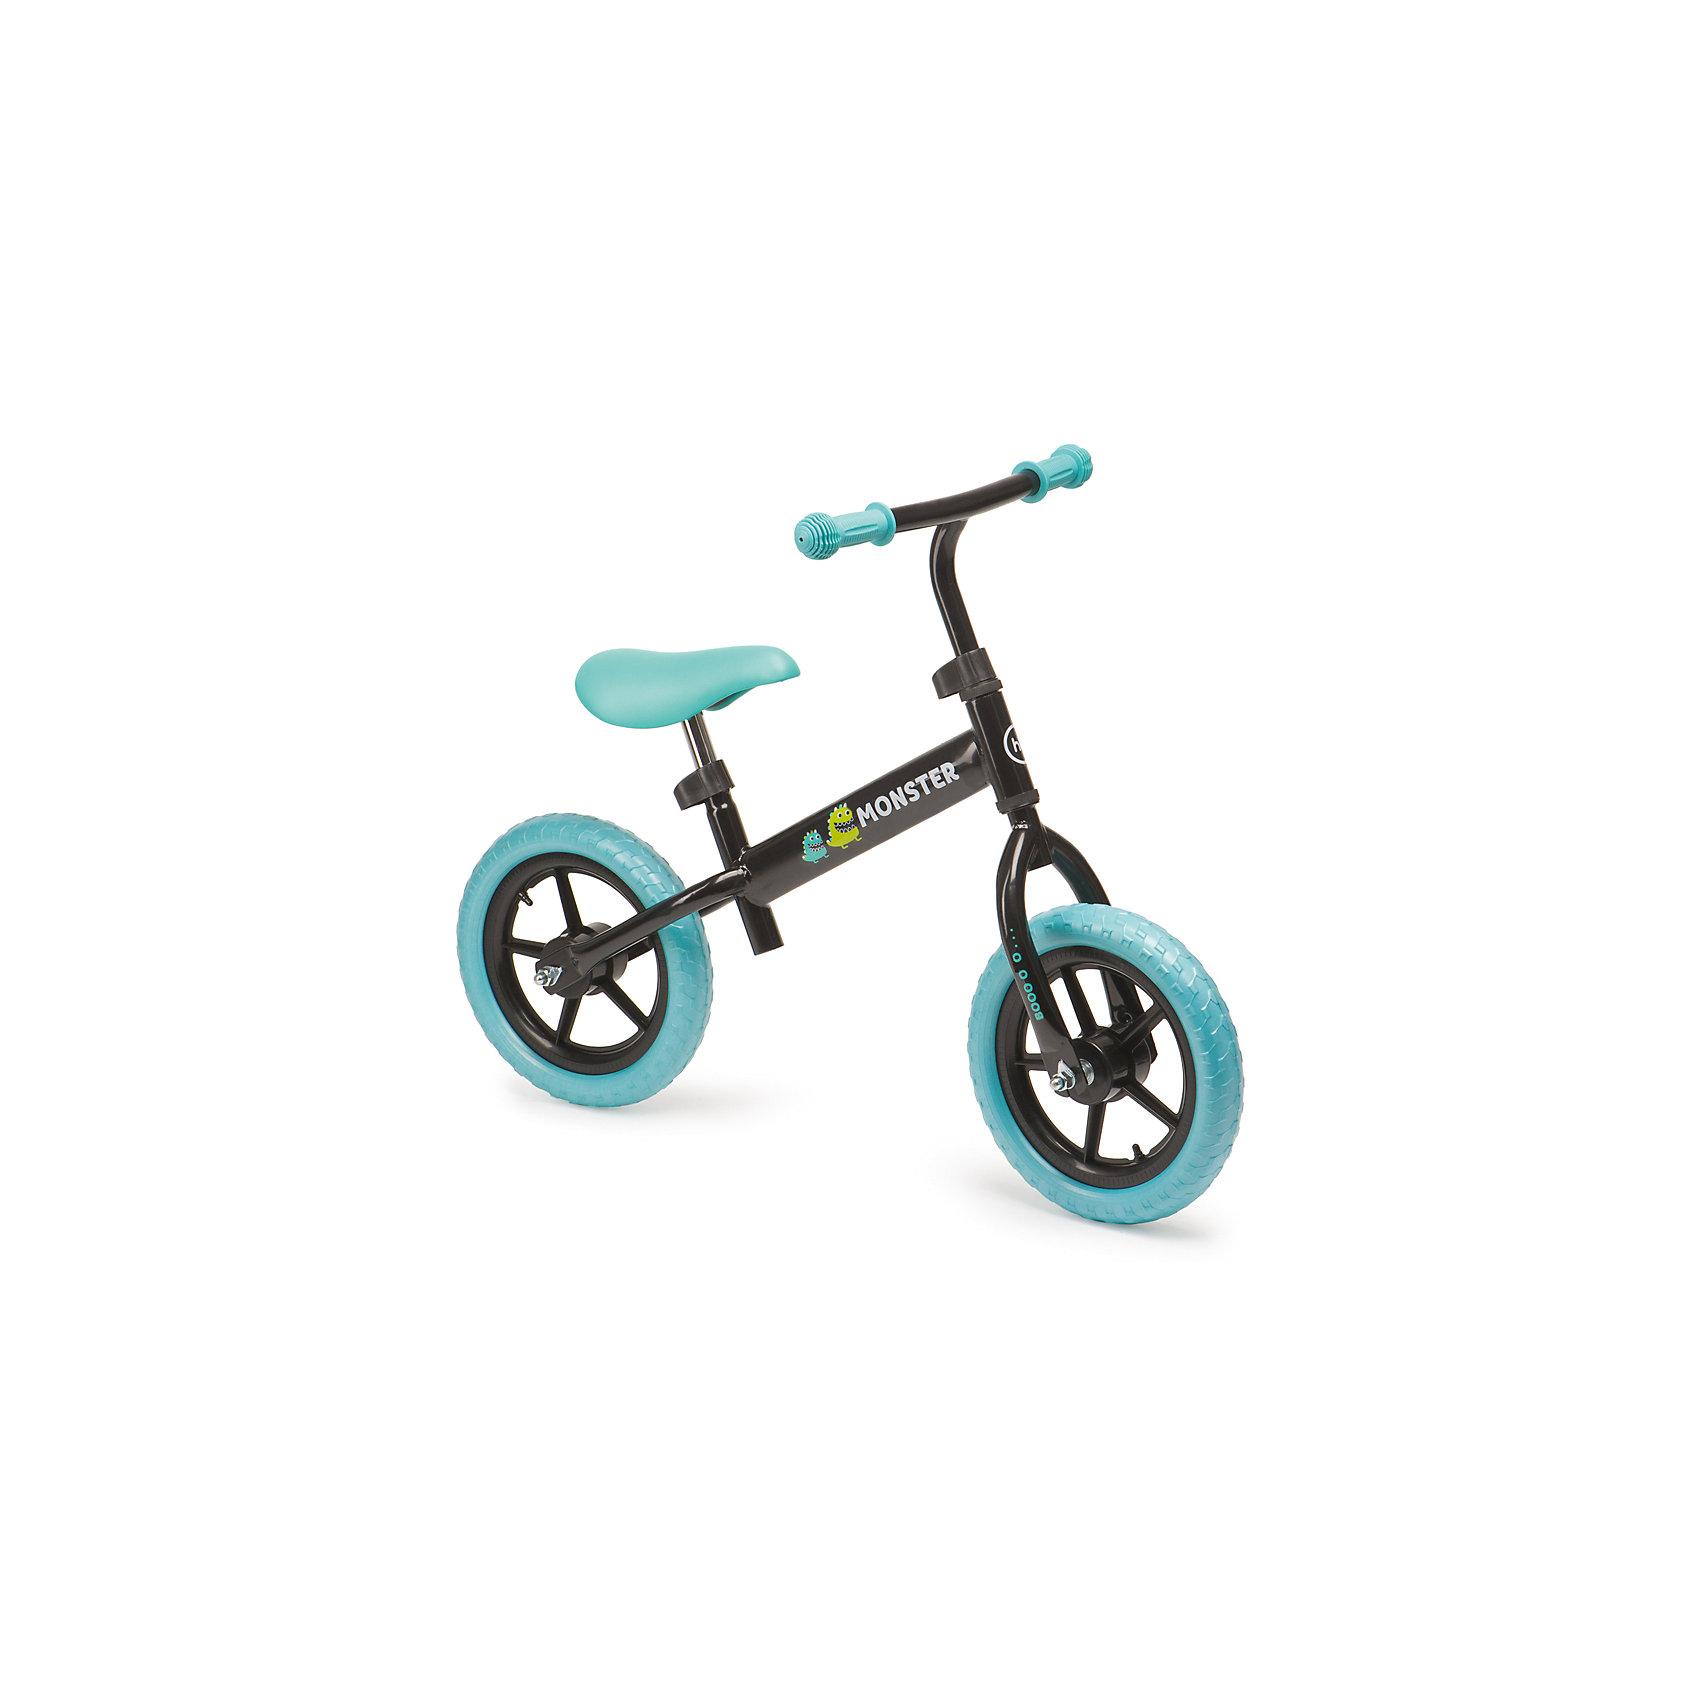 Беговел MOBYX, голубой, Happy BabyБеговелы<br>Характеристики товара:<br><br>• возраст от 2 лет<br>• максимальная нагрузка до 27 кг<br>• рост ребенка 95-125 см<br>• цвет голубой<br>• материал: сталь, пластик, полиуретан, резина<br>• удобное эргономичное сиденье<br>• бесшумные колёса<br>• стальная рама<br>• колёса: полимерные колеса с имитацией ниппелей<br>• высота сидения 42-54 см<br>• высота руля 56-68 см<br>• длина беговела 82 см<br>• вес беговела 3 кг<br>• размер упаковки 68х36х17 см<br>• вес упаковки 3,69 кг<br>• страна производитель: Китай<br><br>Беговел «MOBYX», зеленый, Happy Baby представляет собой велосипед, но без педалей. На нем ребенок учится кататься, отталкиваясь ножками. В процессе катания ребенок учится сохранять равновесие и координировать движения. <br><br>Беговел изготовлен из прочной стали. Сидение и руль регулируются под рост ребенка. Колеса обеспечивают бесшумную плавную езду.<br><br>Беговел «MOBYX», зеленый, Happy Baby можно приобрести в нашем интернет-магазине.<br><br>Ширина мм: 680<br>Глубина мм: 360<br>Высота мм: 170<br>Вес г: 3690<br>Возраст от месяцев: 12<br>Возраст до месяцев: 36<br>Пол: Унисекс<br>Возраст: Детский<br>SKU: 5527344